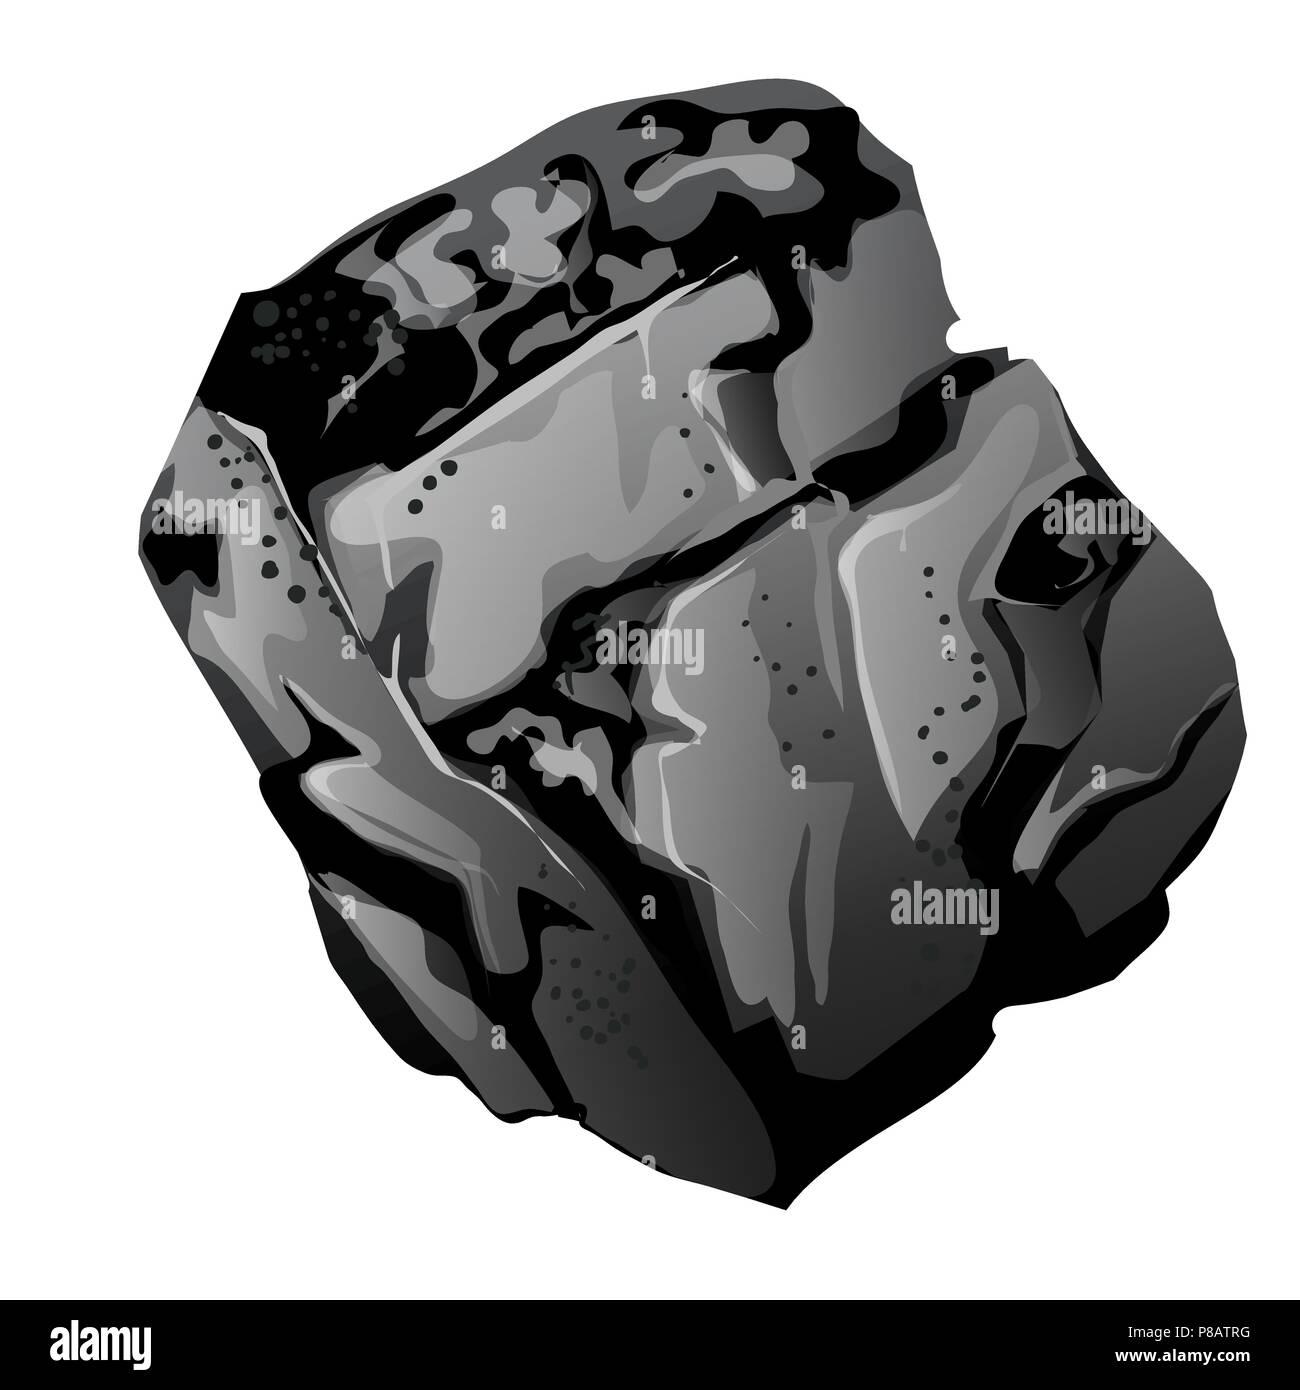 Un fragment de charbon de pierre. La source d'énergie et minéraux utiles isolé sur fond blanc. Cartoon Vector illustration close-up. Illustration de Vecteur